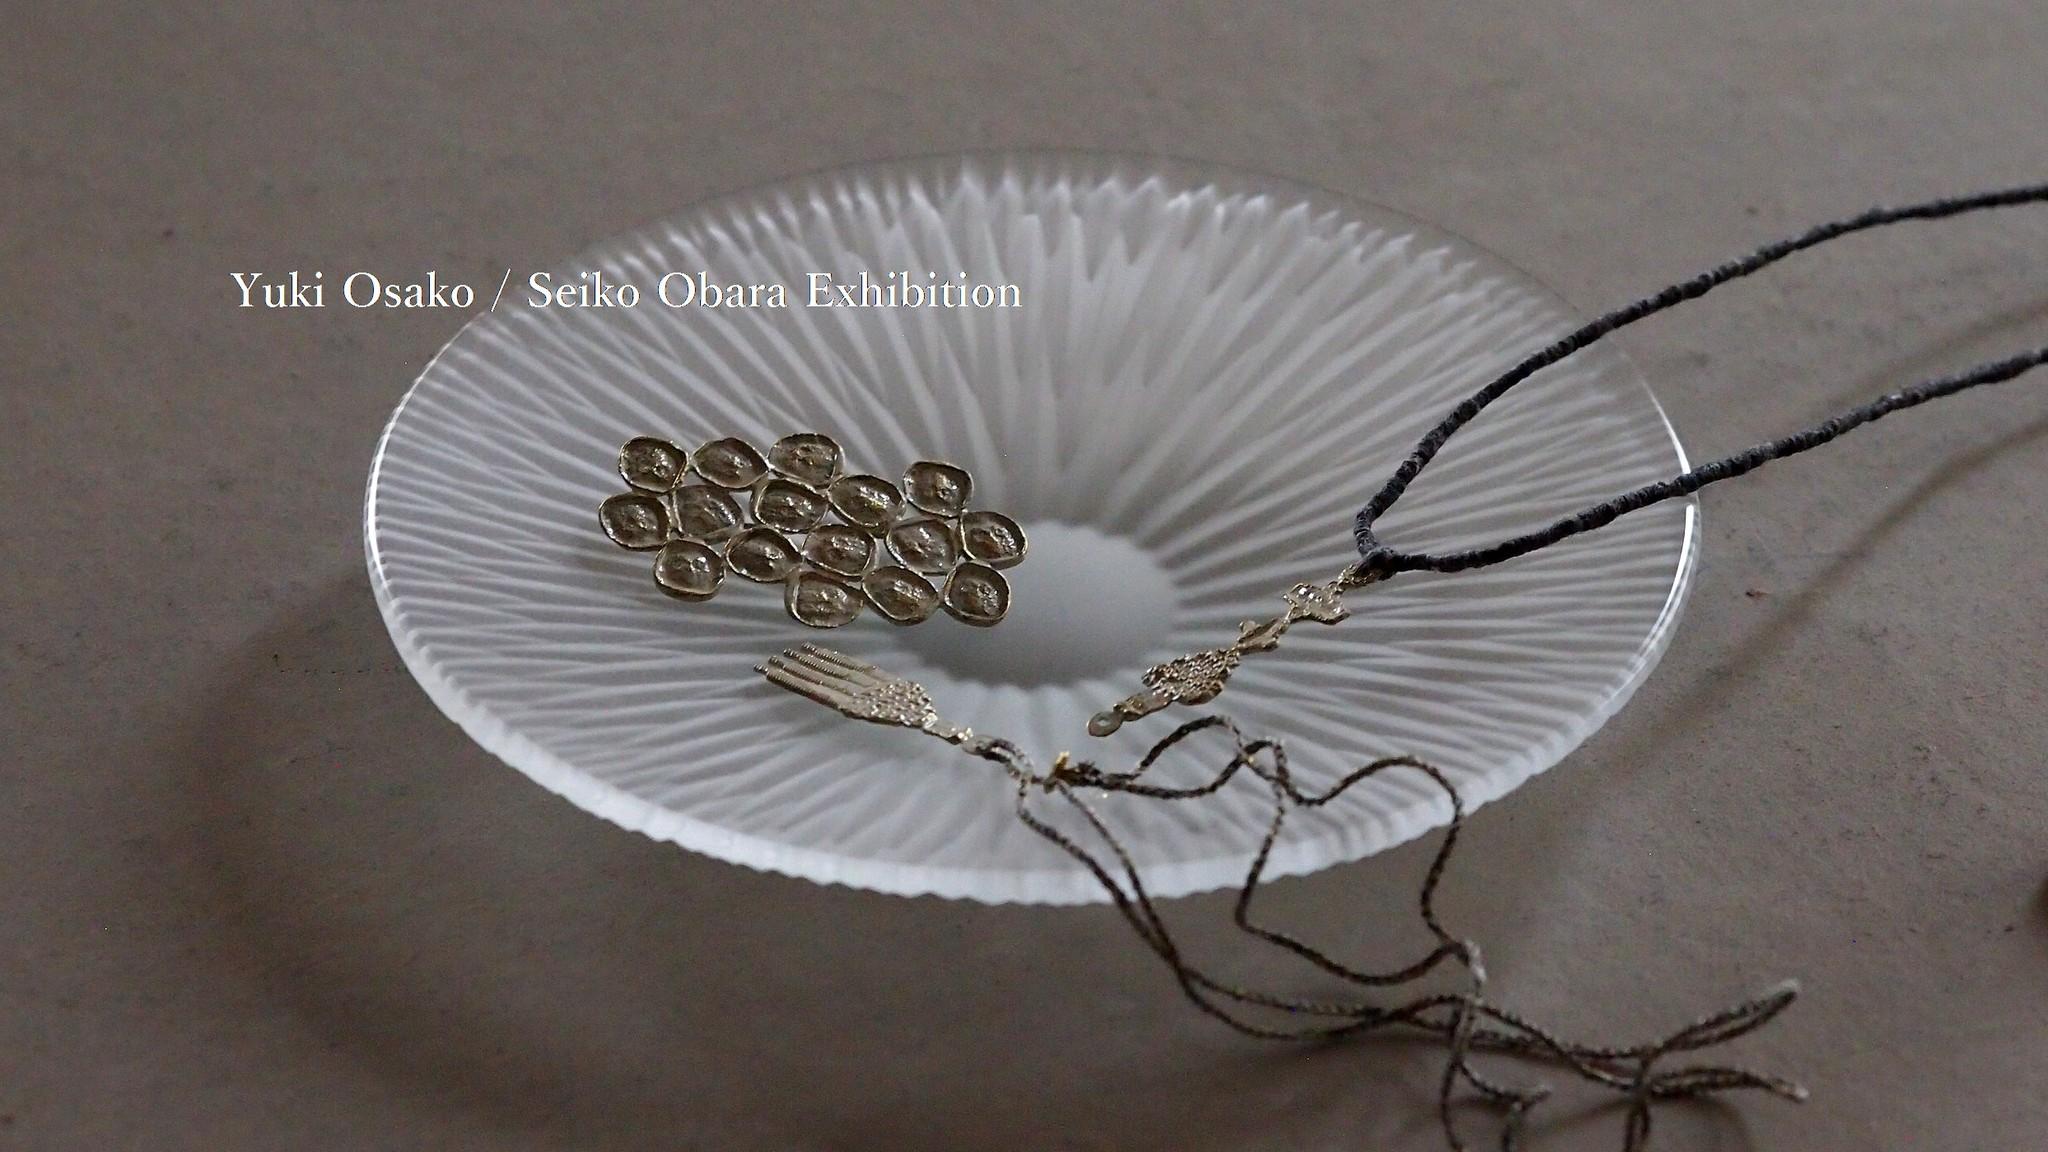 Yuki Osako / Seiko Obara Exhibition  「硝子と真鍮」